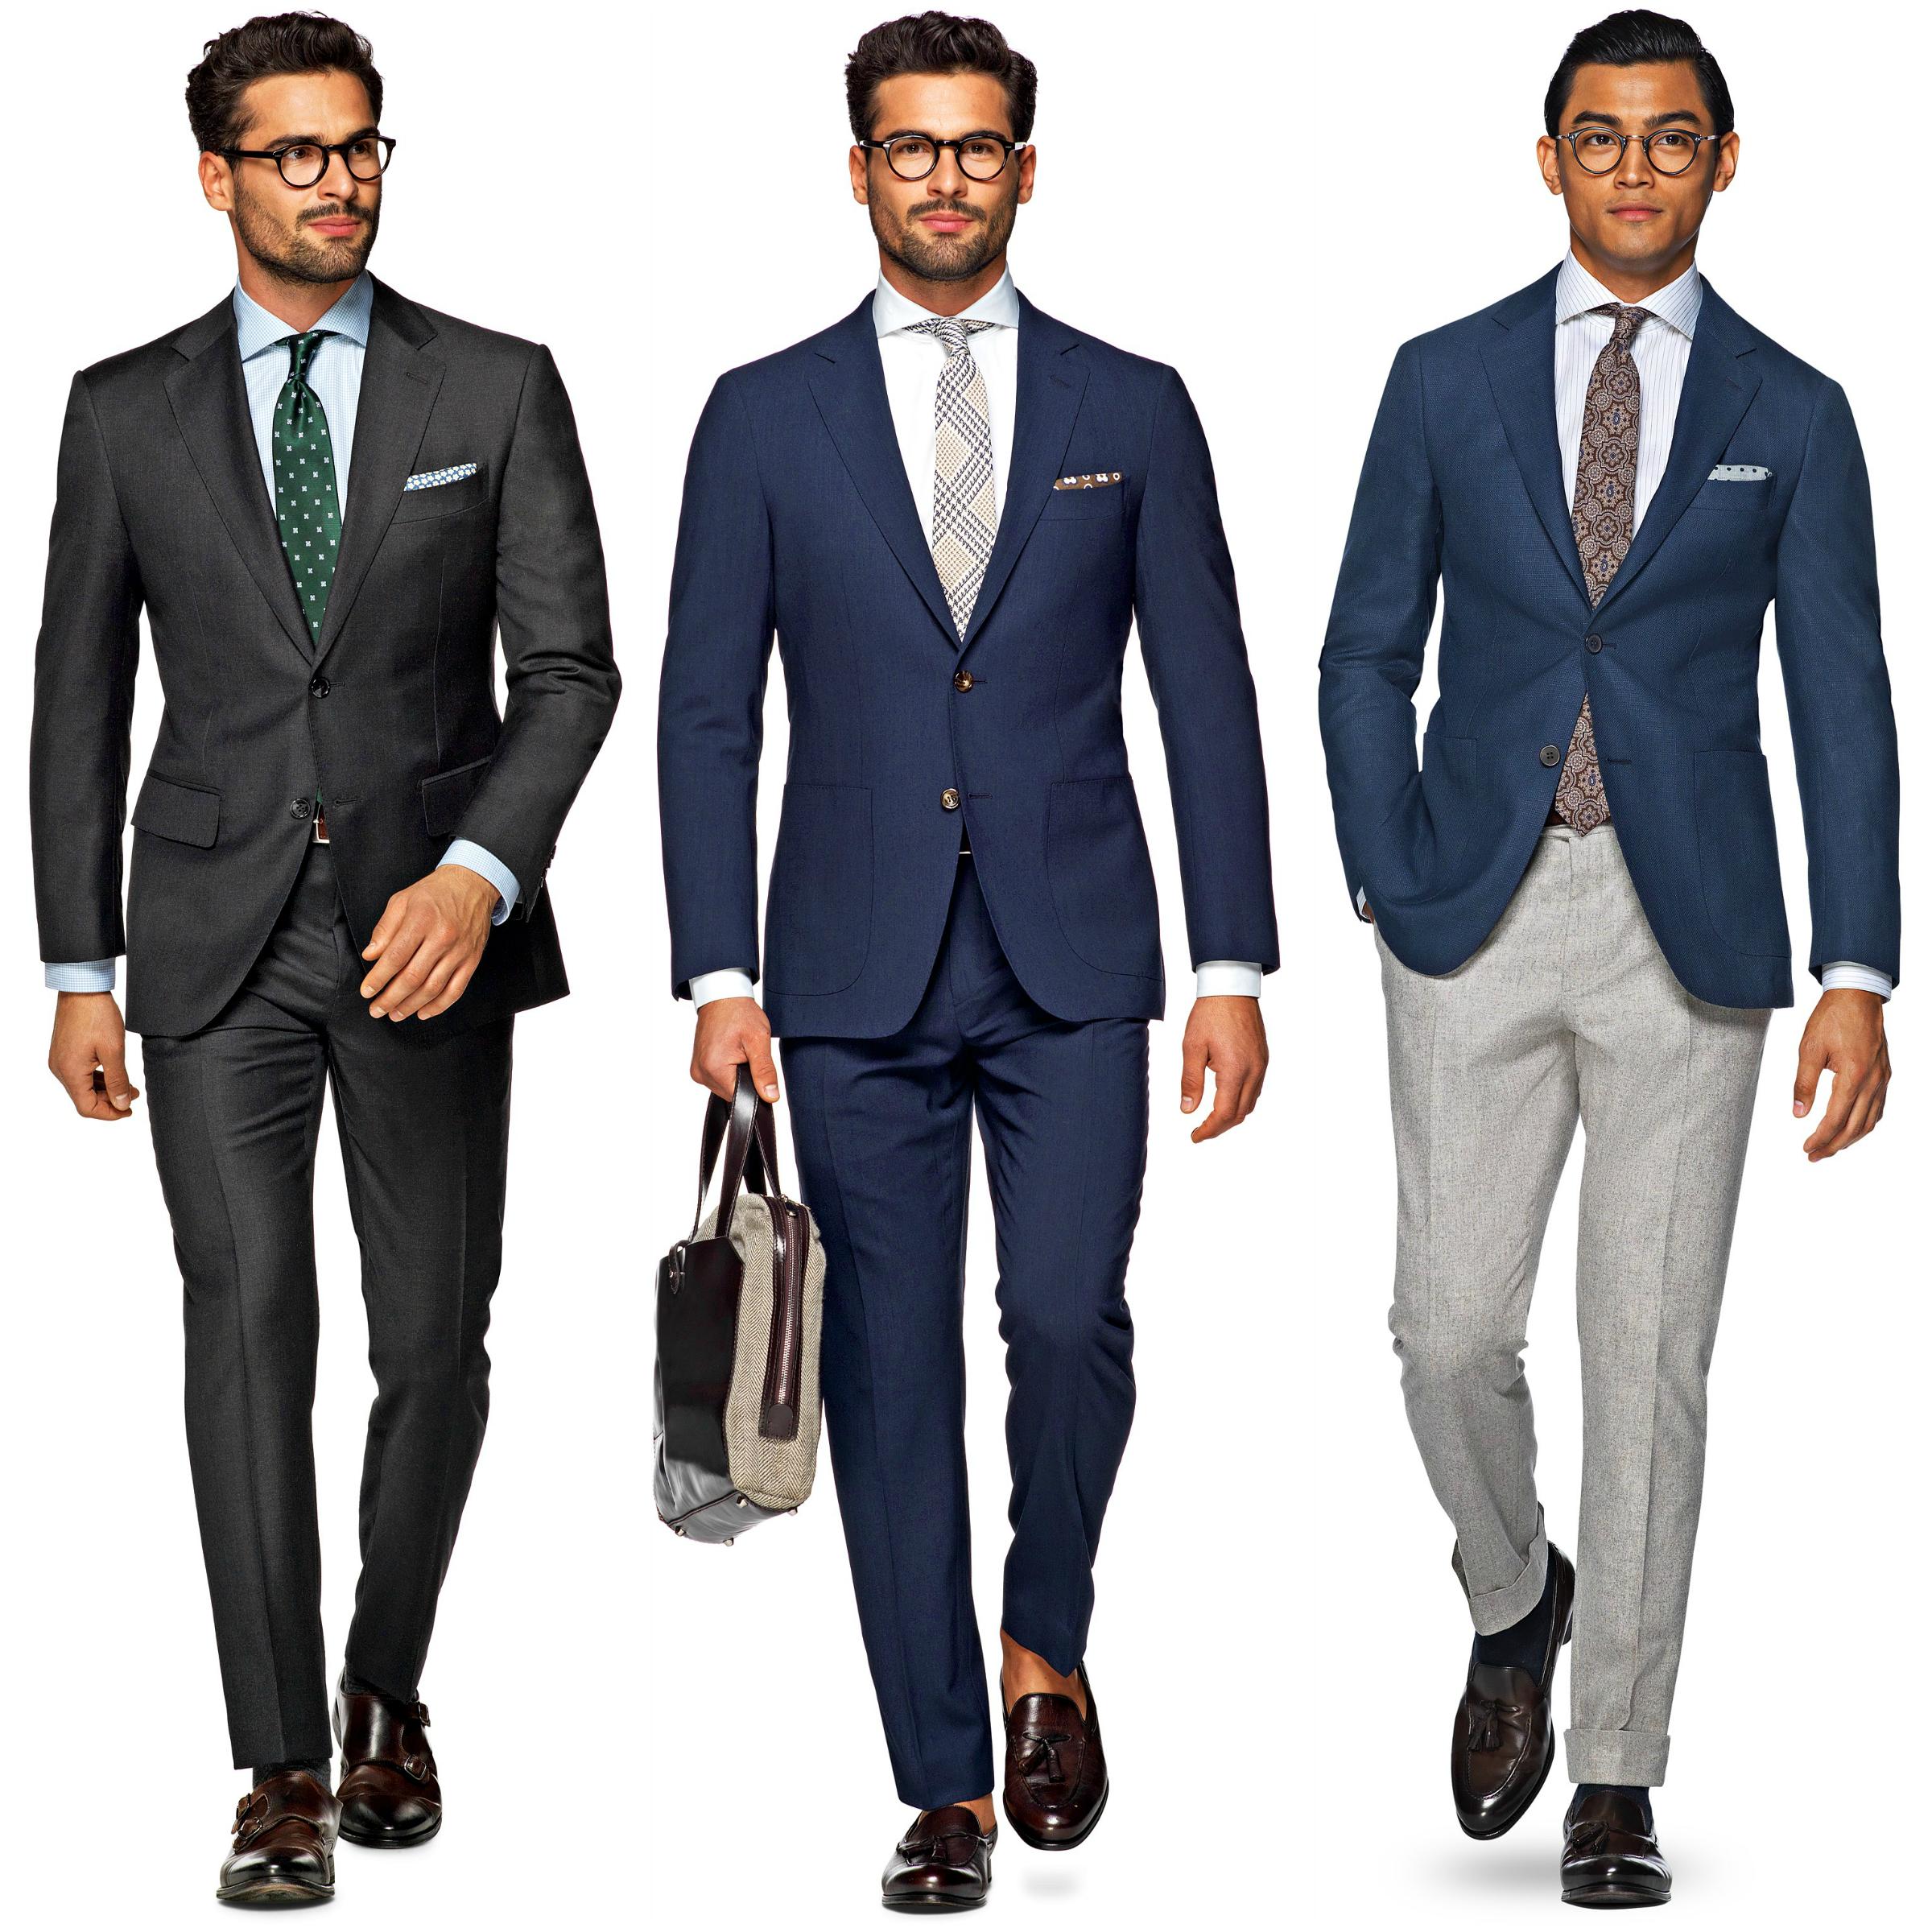 Jak ubrać się na wesele jako gość? | Dandycore